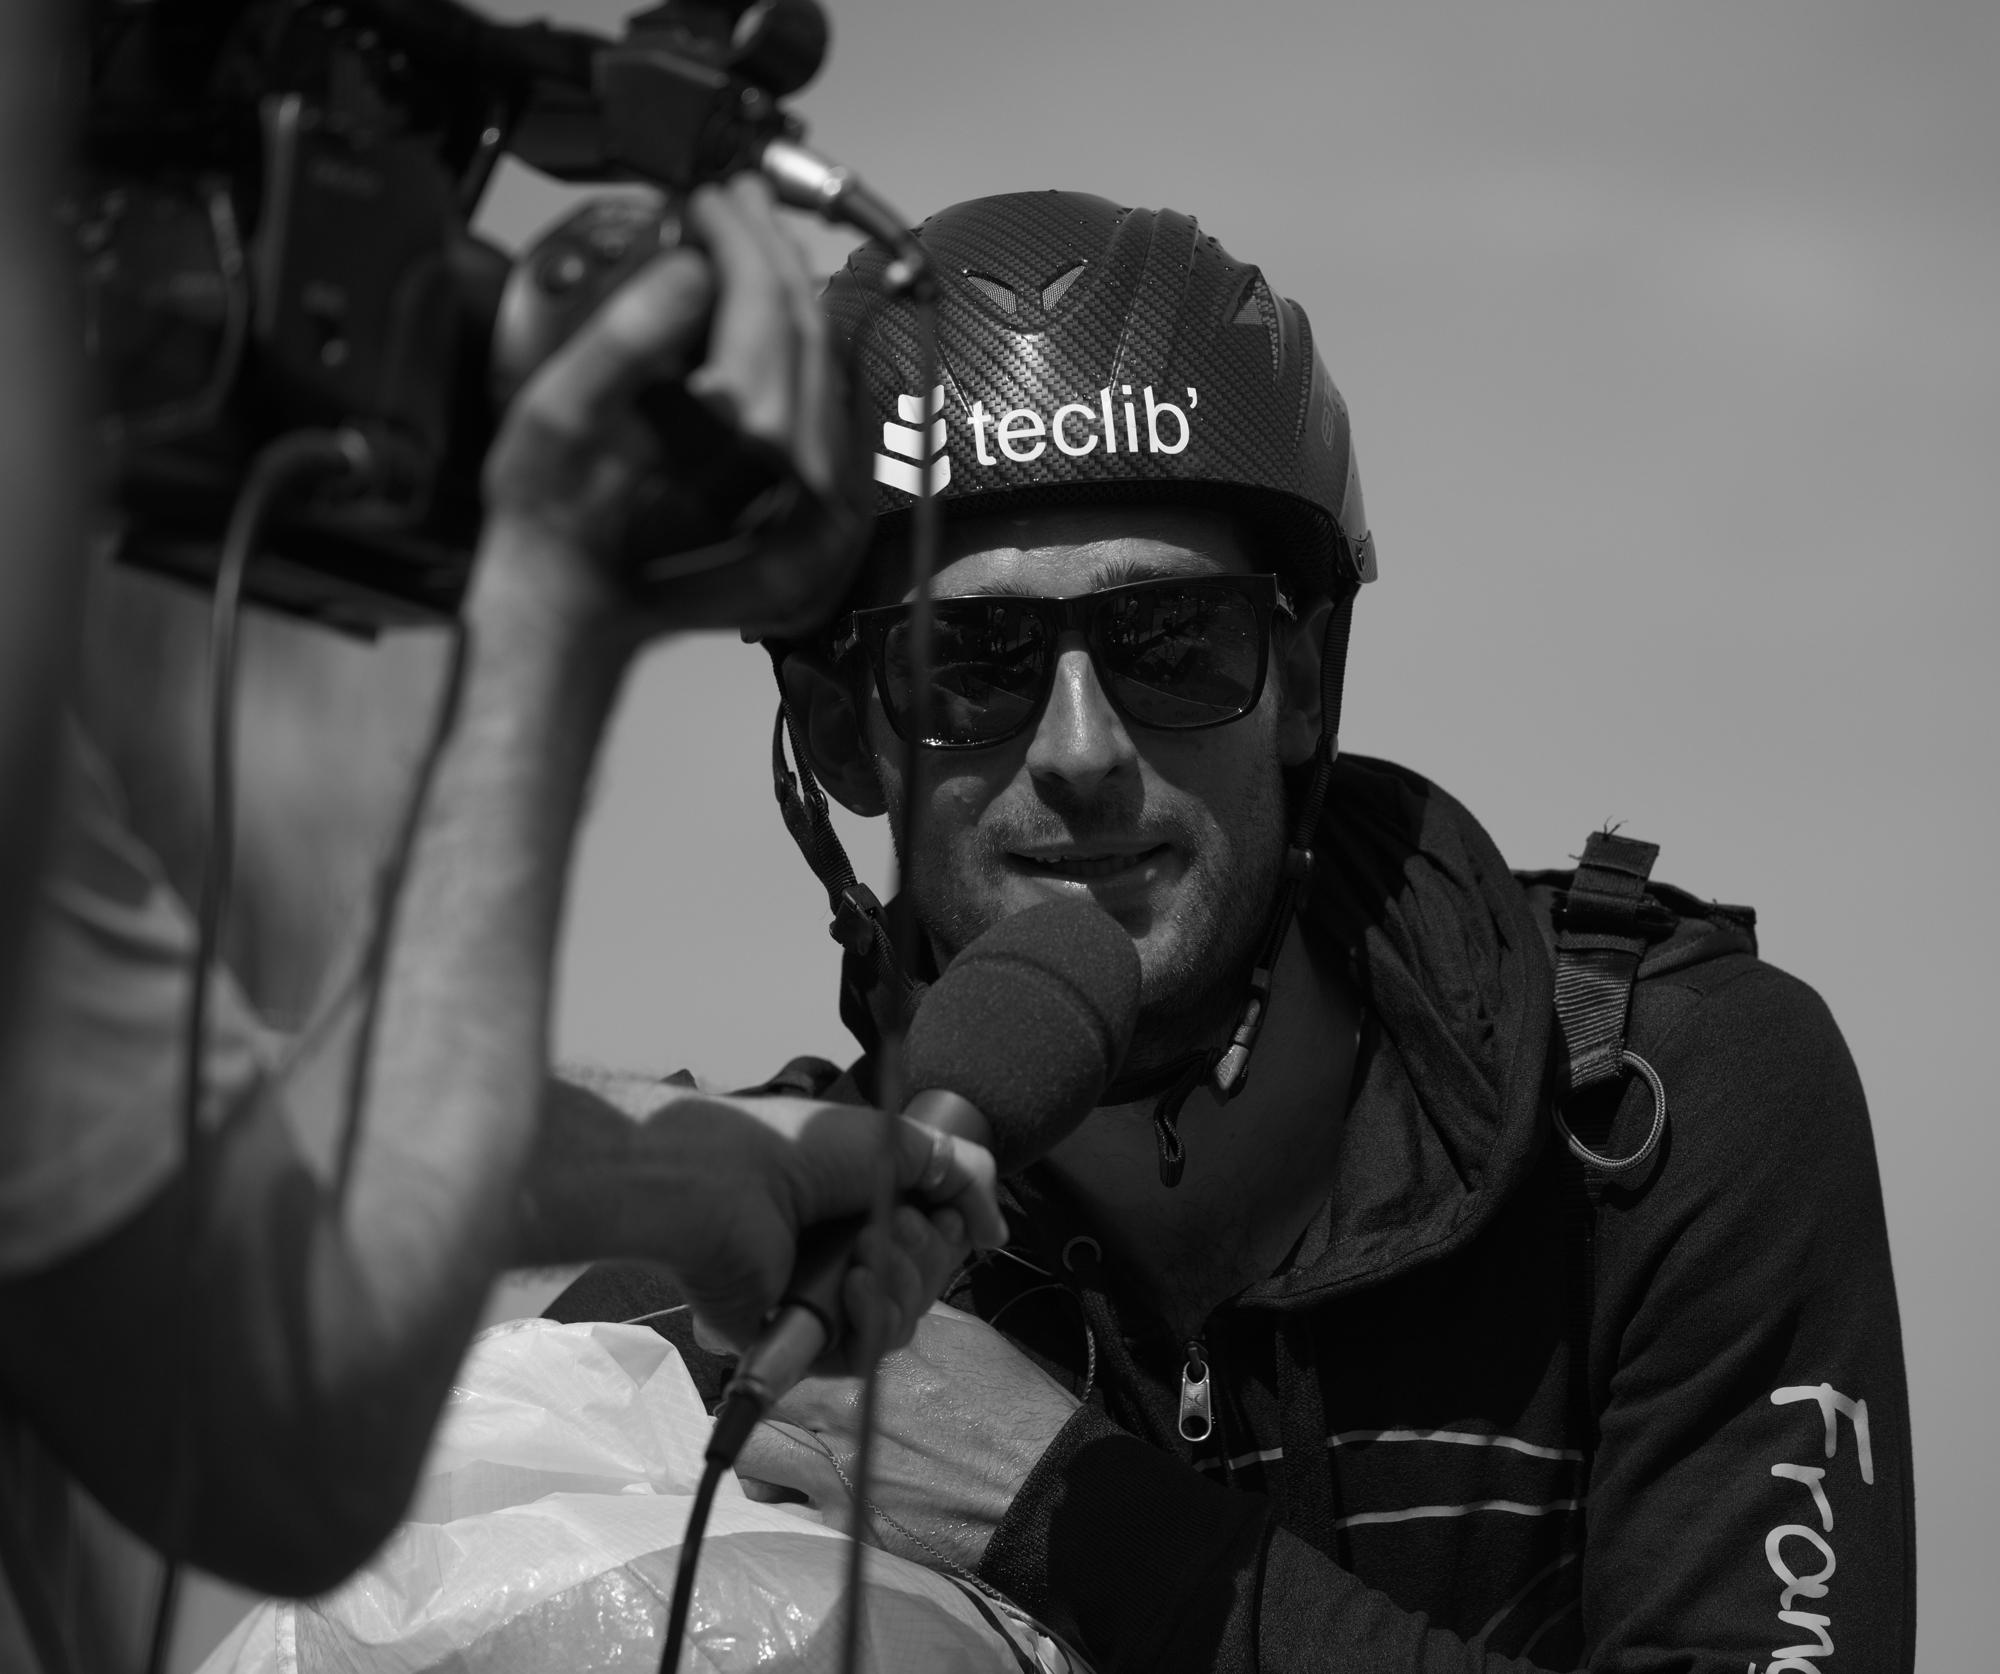 Victoire Championnat du monde parapente acrobatique Francois Ragolski Interview